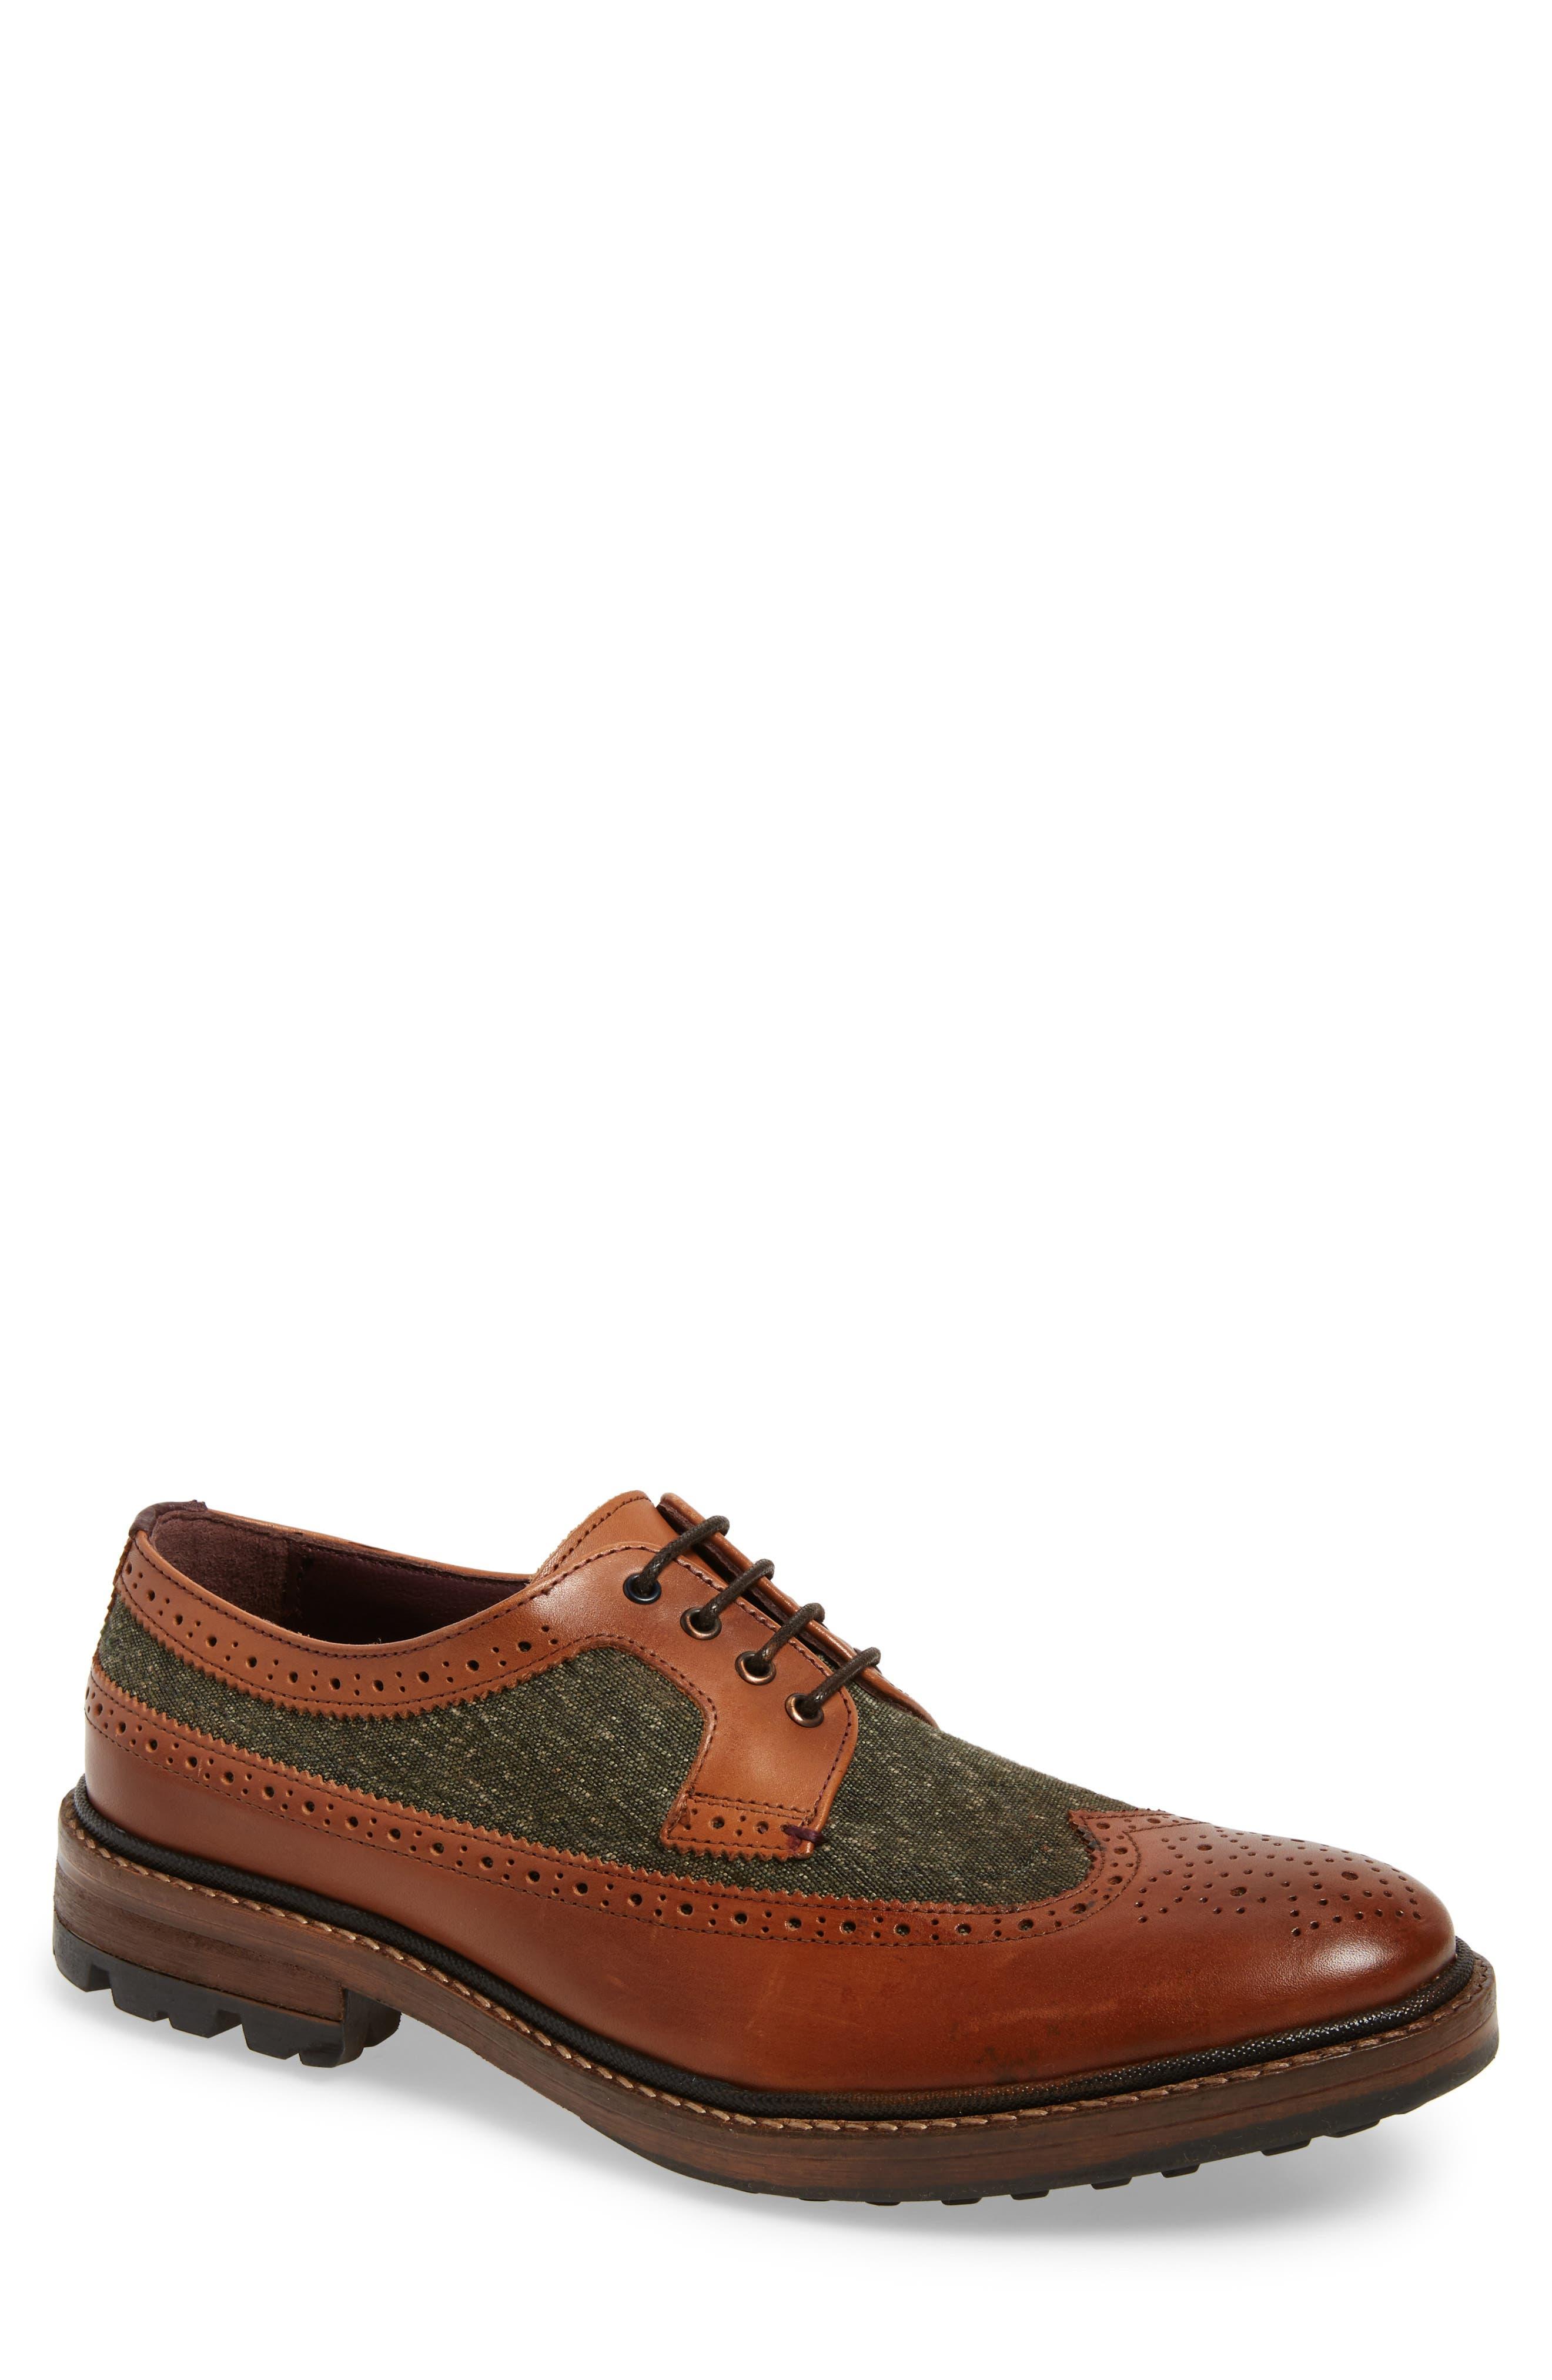 Casbo Spectator Shoe,                             Main thumbnail 1, color,                             Tan Multi Leather